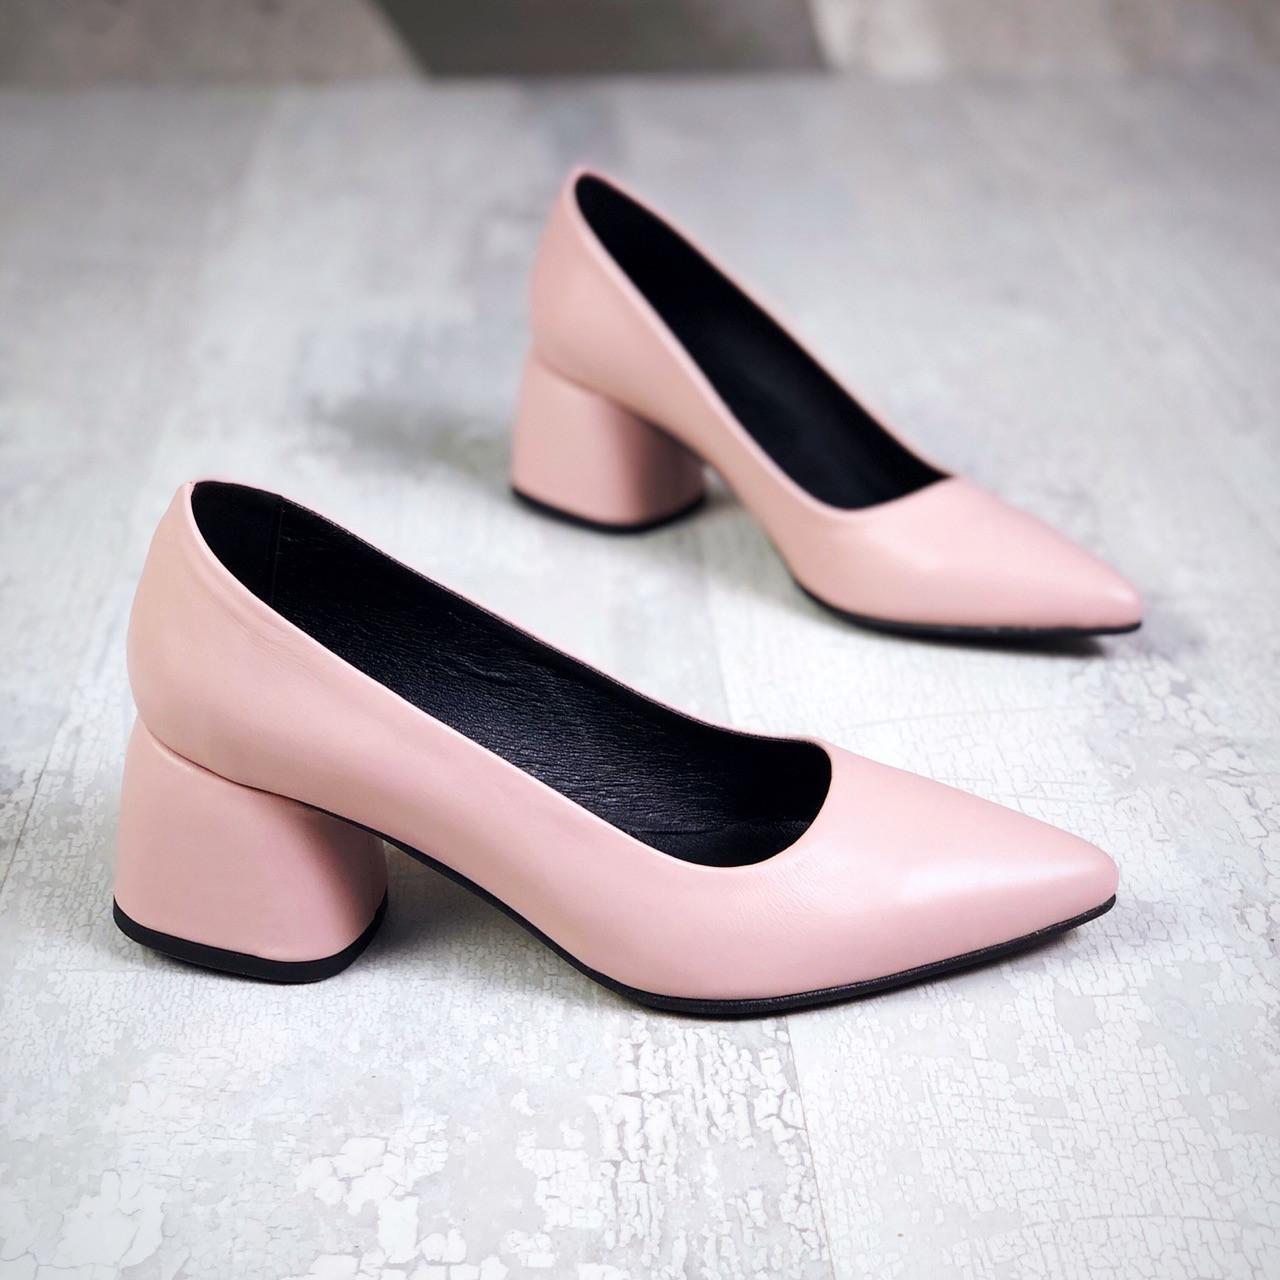 Шикарные кожаные туфли на каблучке 36-40 р пудра